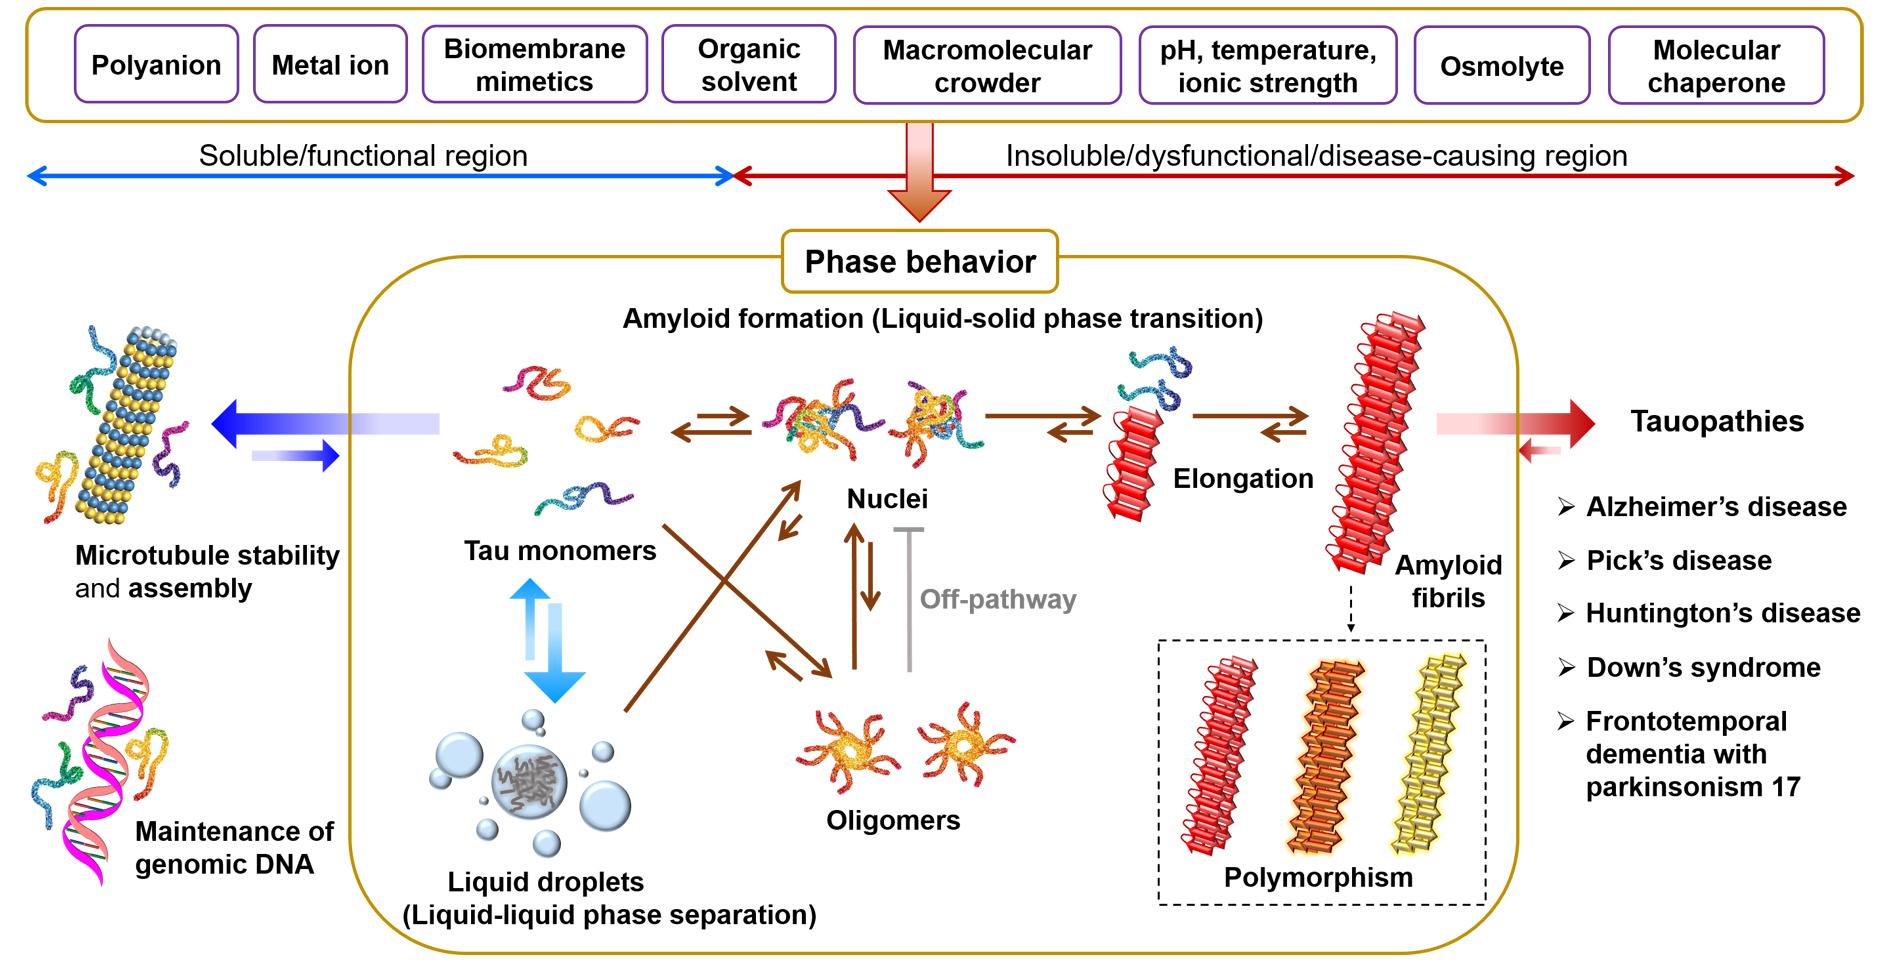 타우단백질은 다양한     생물리학·생물학적 환경요인에 민감하게 반응하여 기능 발휘를 위한 좋은     상거동(phase behavior)을 하거나, 타우병증(tauopathy)과 같이 여러 퇴행성     뇌질환(neurodegenerative disease)을 일으키는 잘못된 상거동을 하게 됨